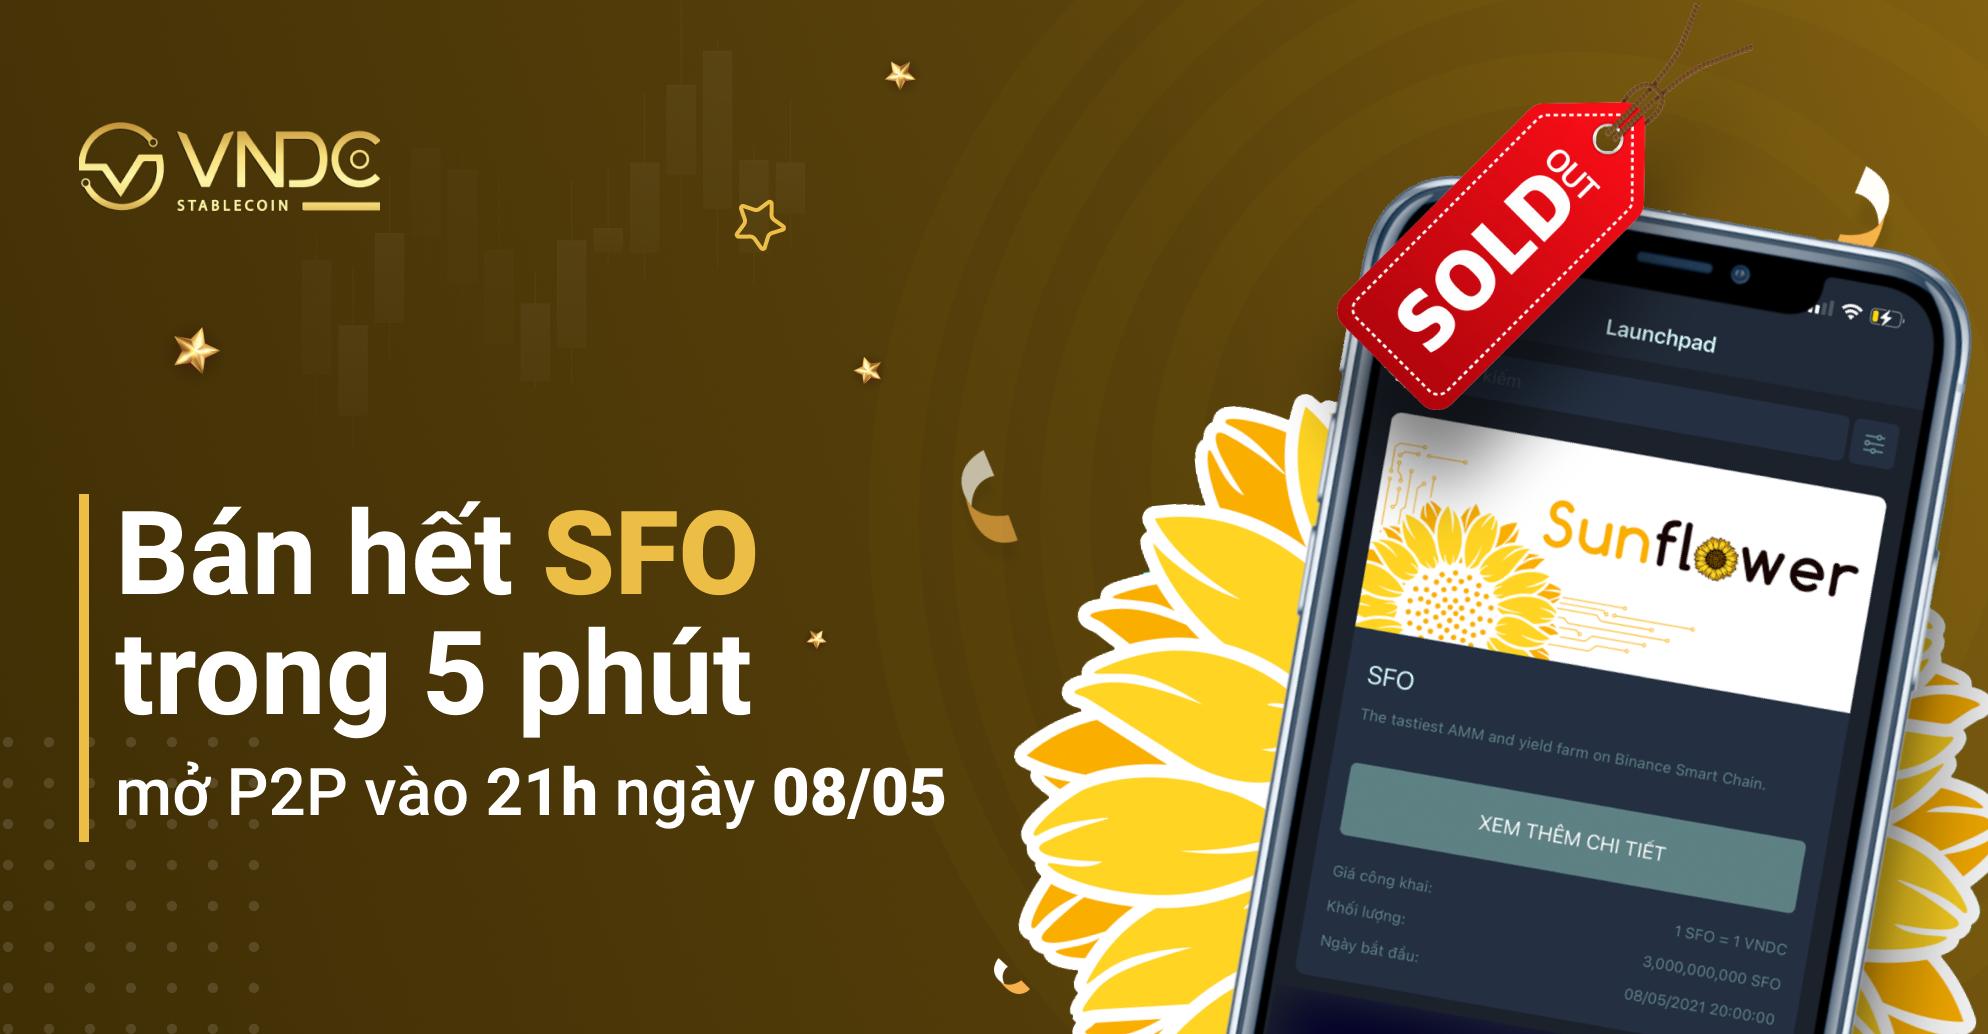 Hoàn tất phân phối 3 tỷ SFO trong 5 phút, mở giao dịch P2P từ 21:00 hôm nay (08/05)